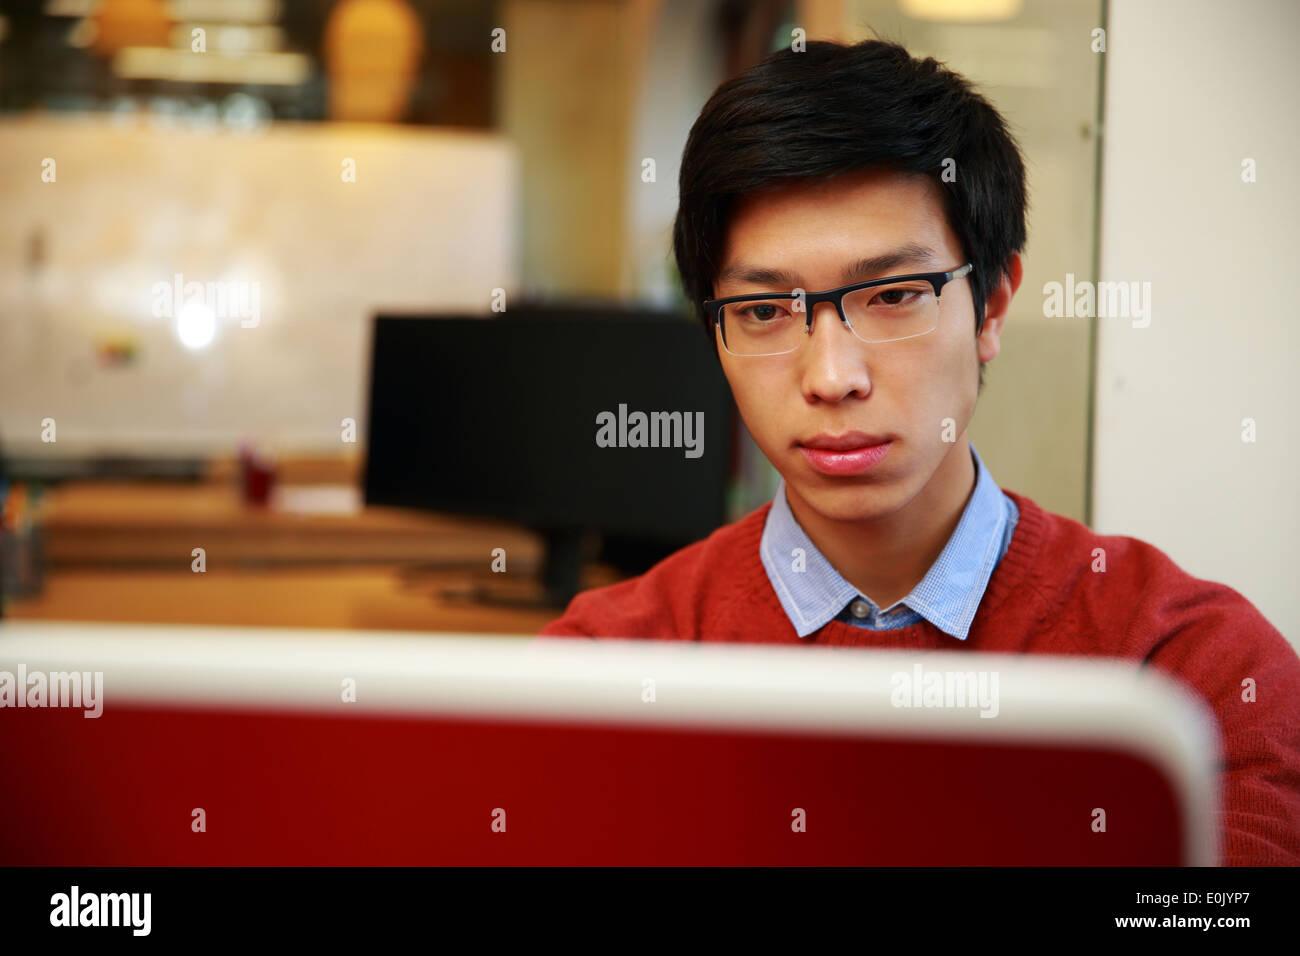 Junge asiatische Mann in Gläsern auf laptop Stockbild